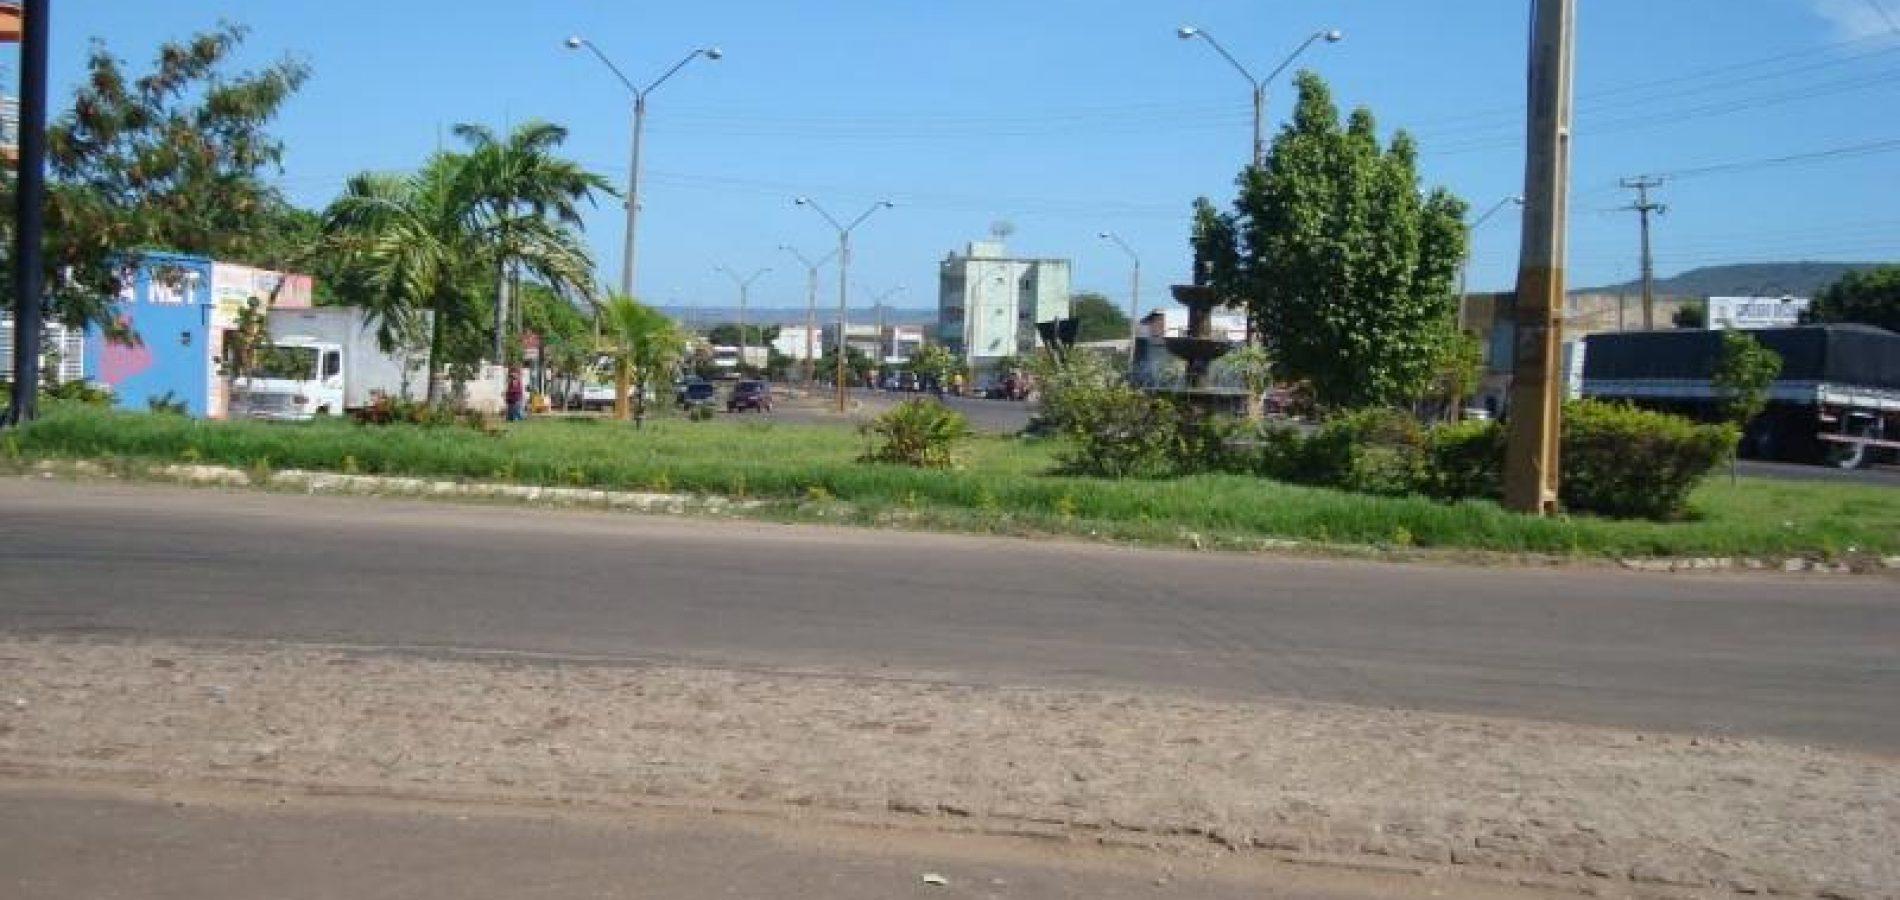 Audiência debaterá medidas para evitar acidentes na rotatória do bairro Junco em Picos